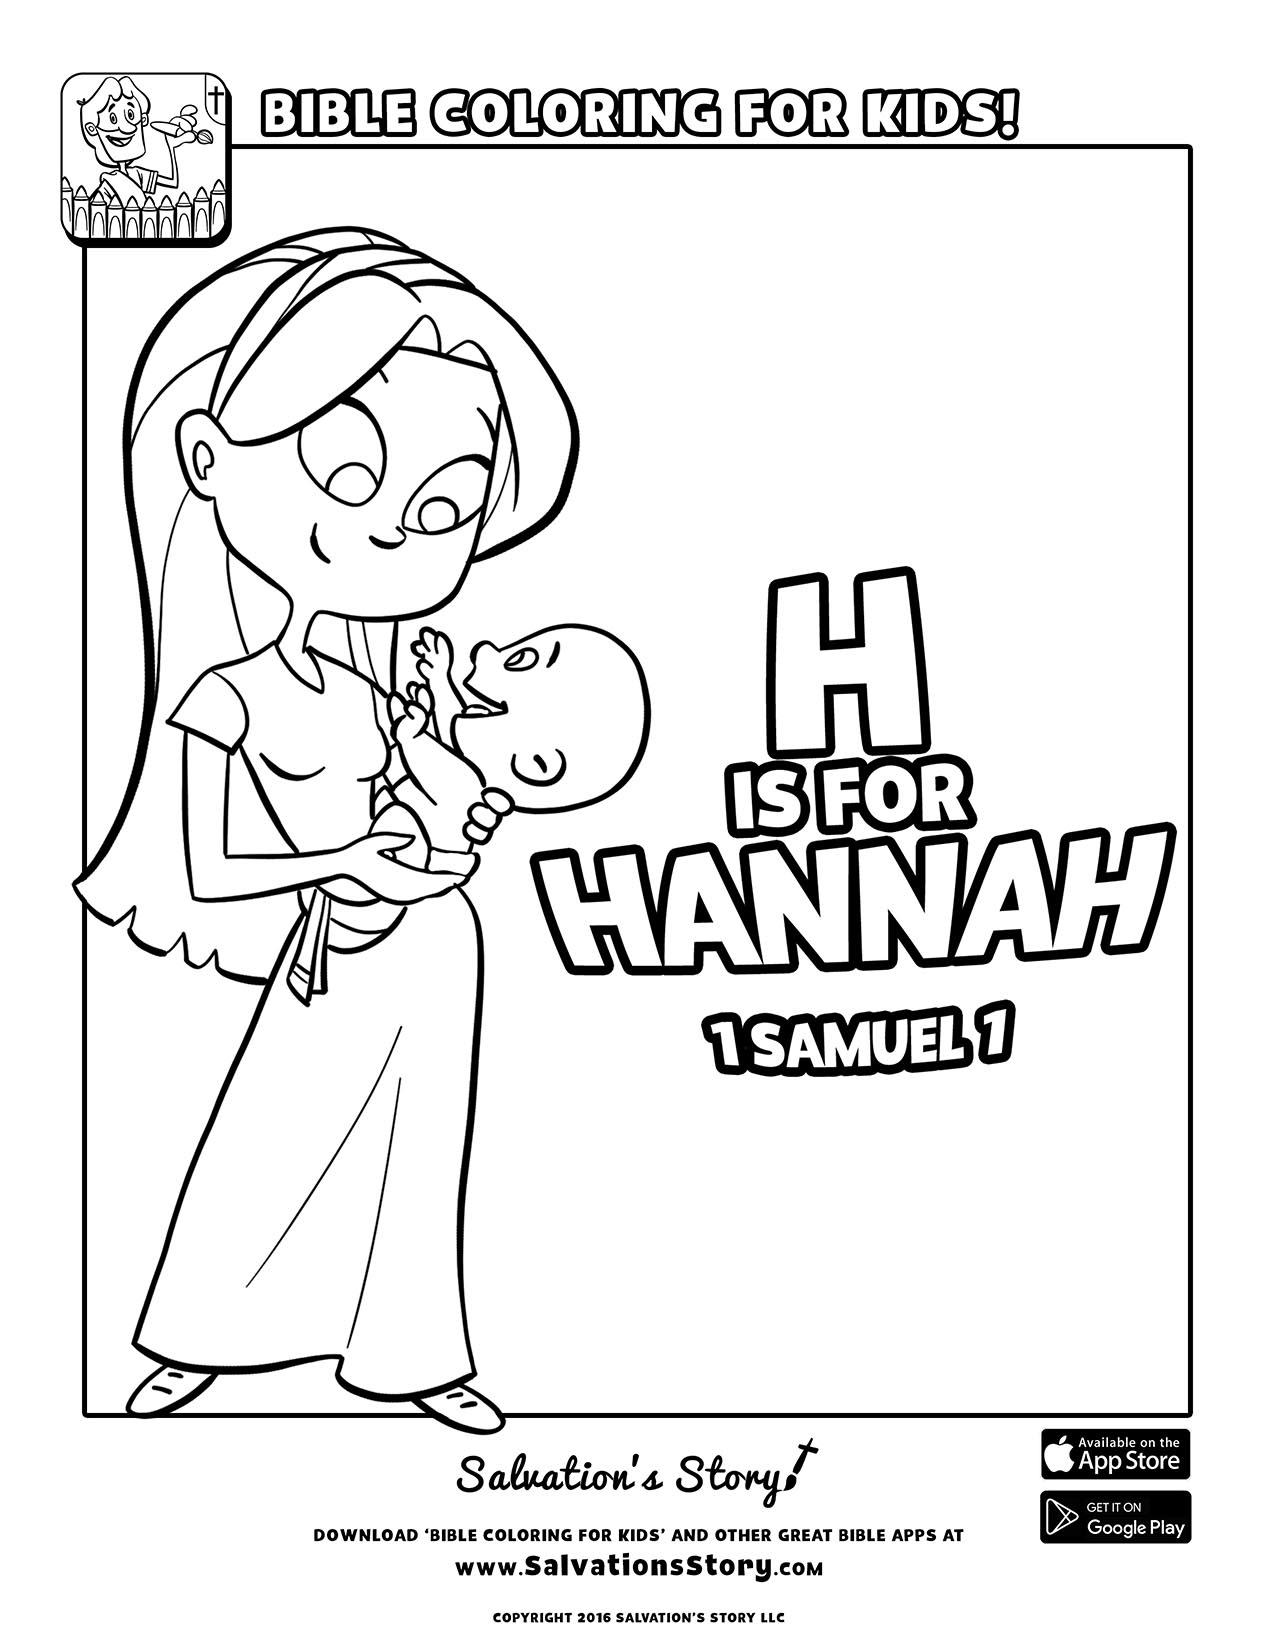 H is for Hannah.jpg